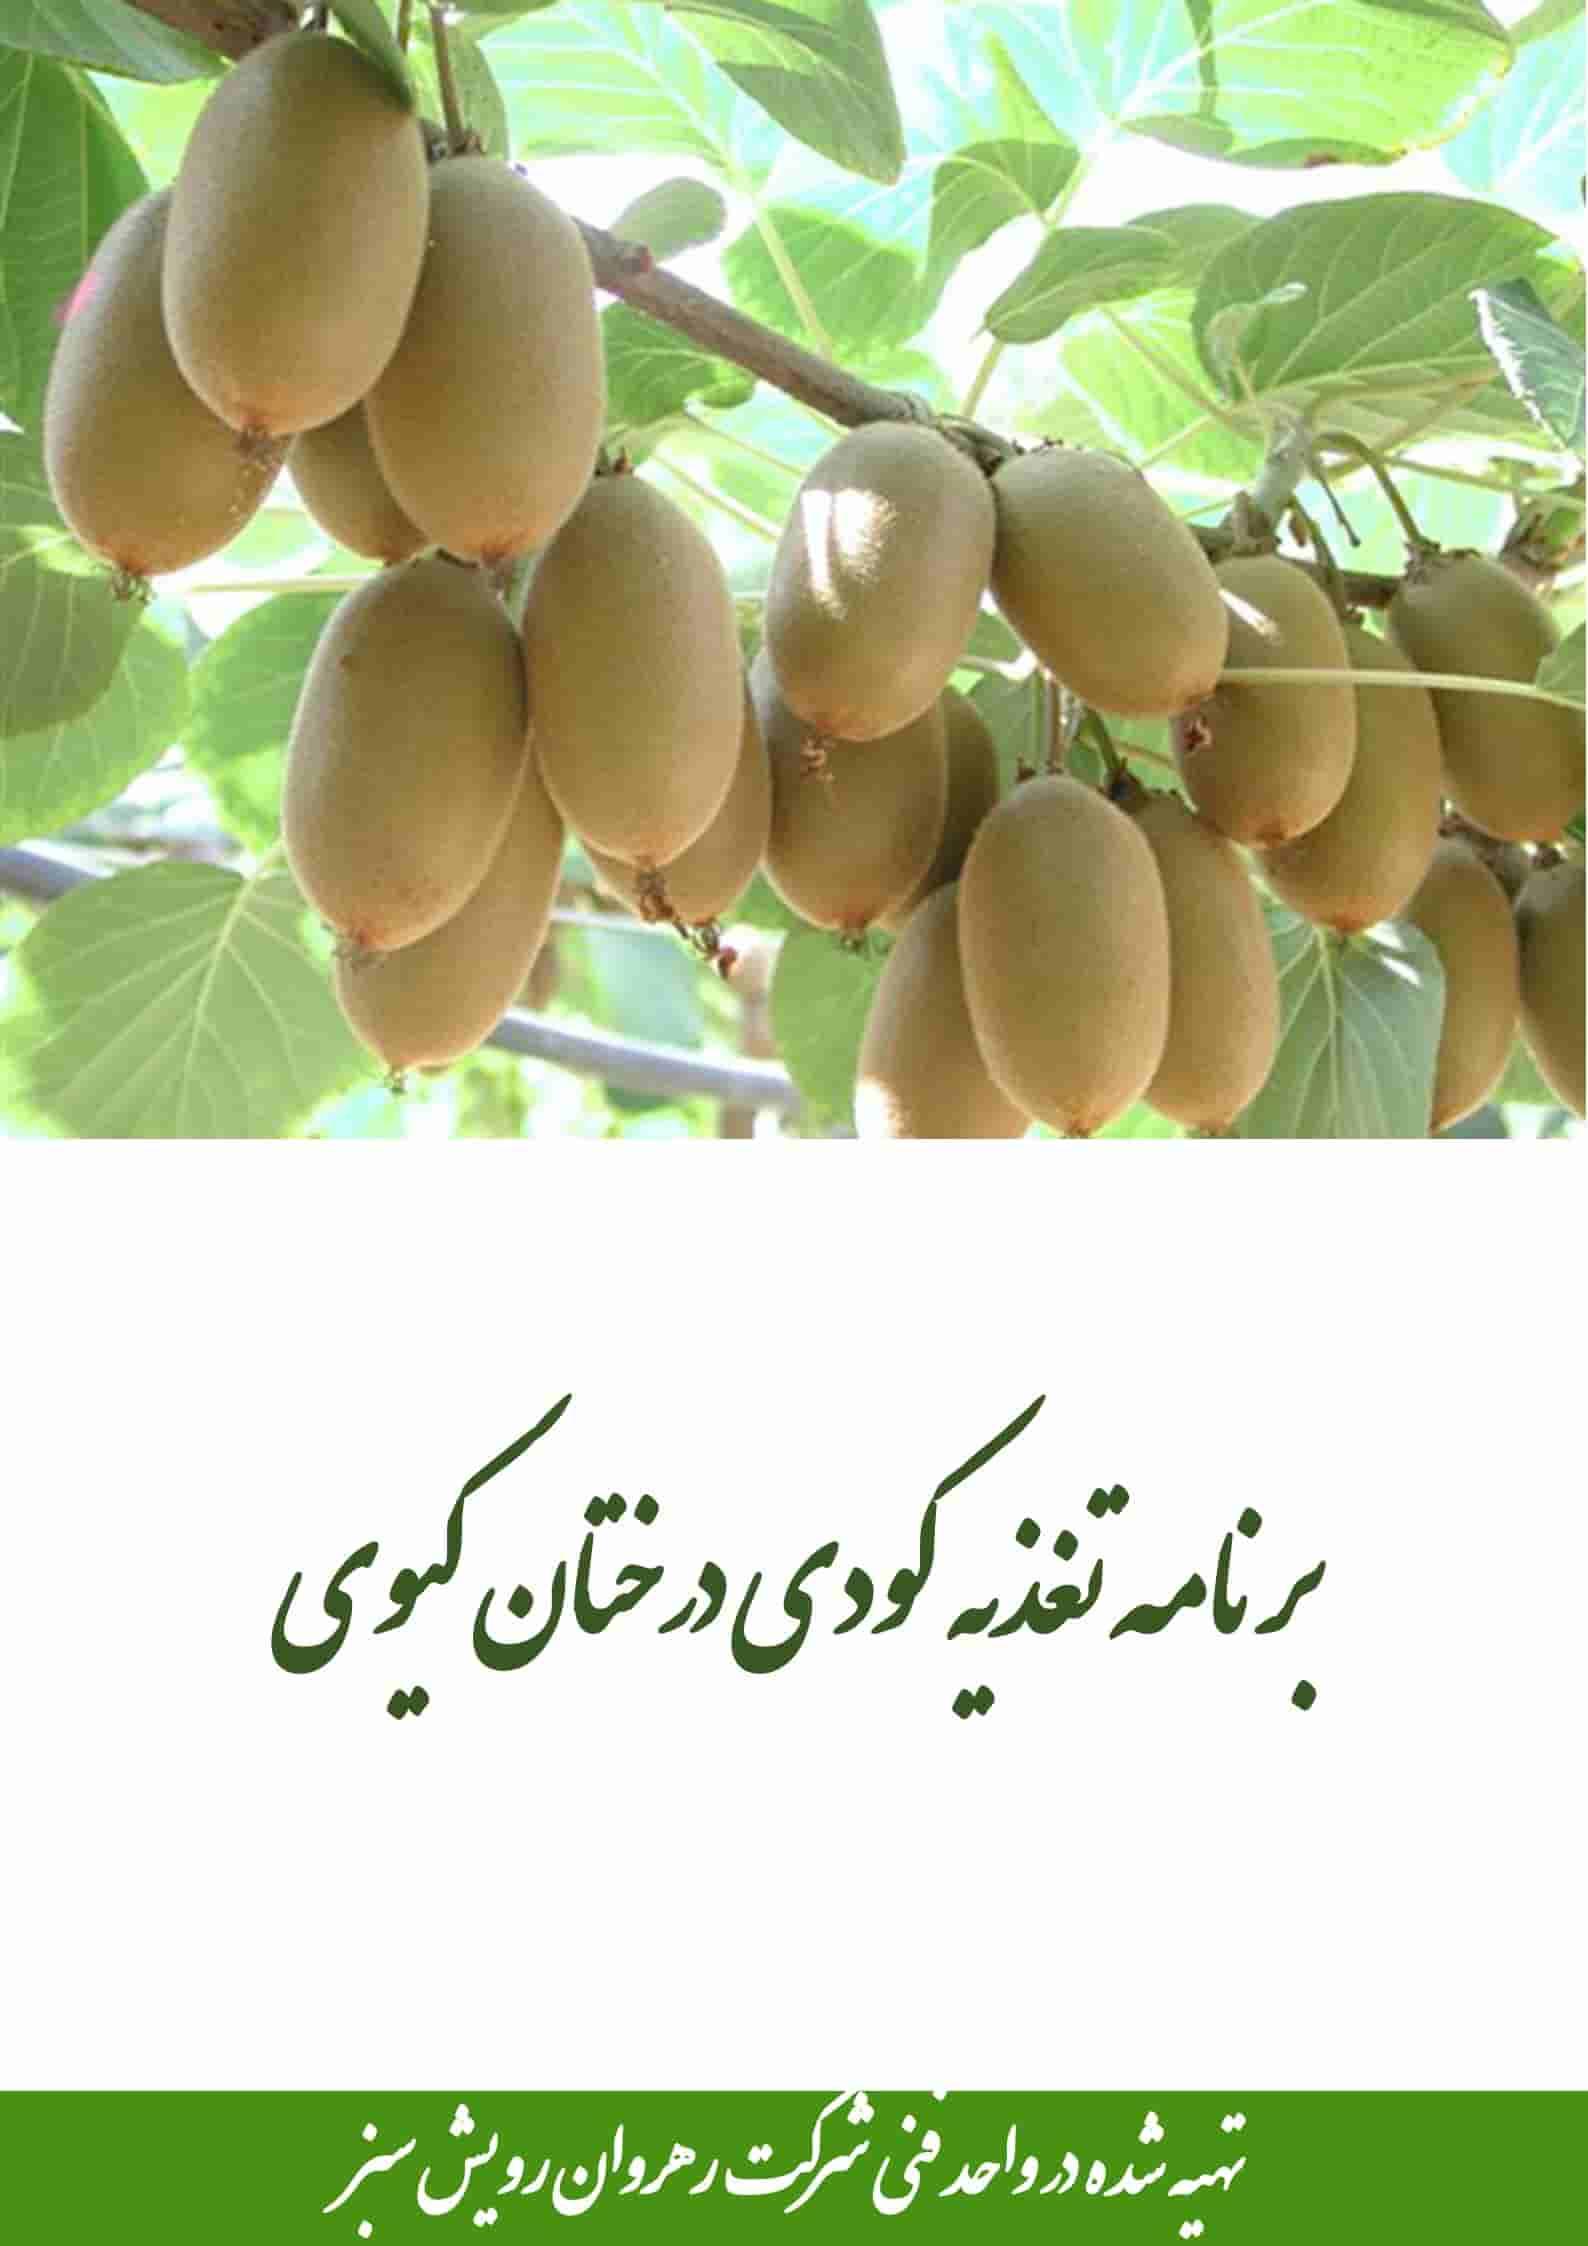 تغذیه کودی درختان کیوی